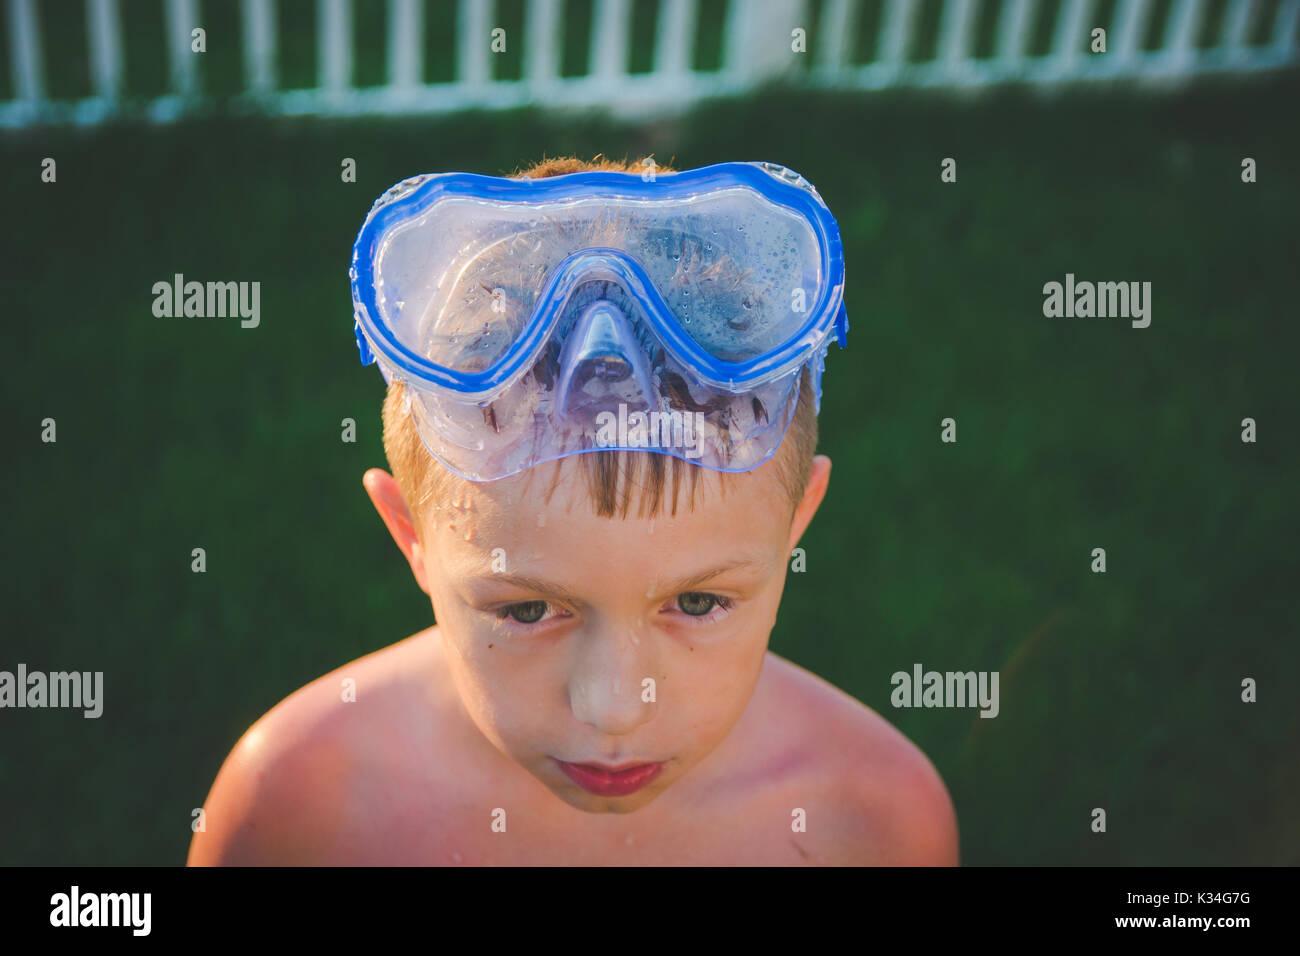 Un niño lleva una máscara de buceo sobre su cabeza durante el verano, mientras que el sol brilla sobre él. Imagen De Stock